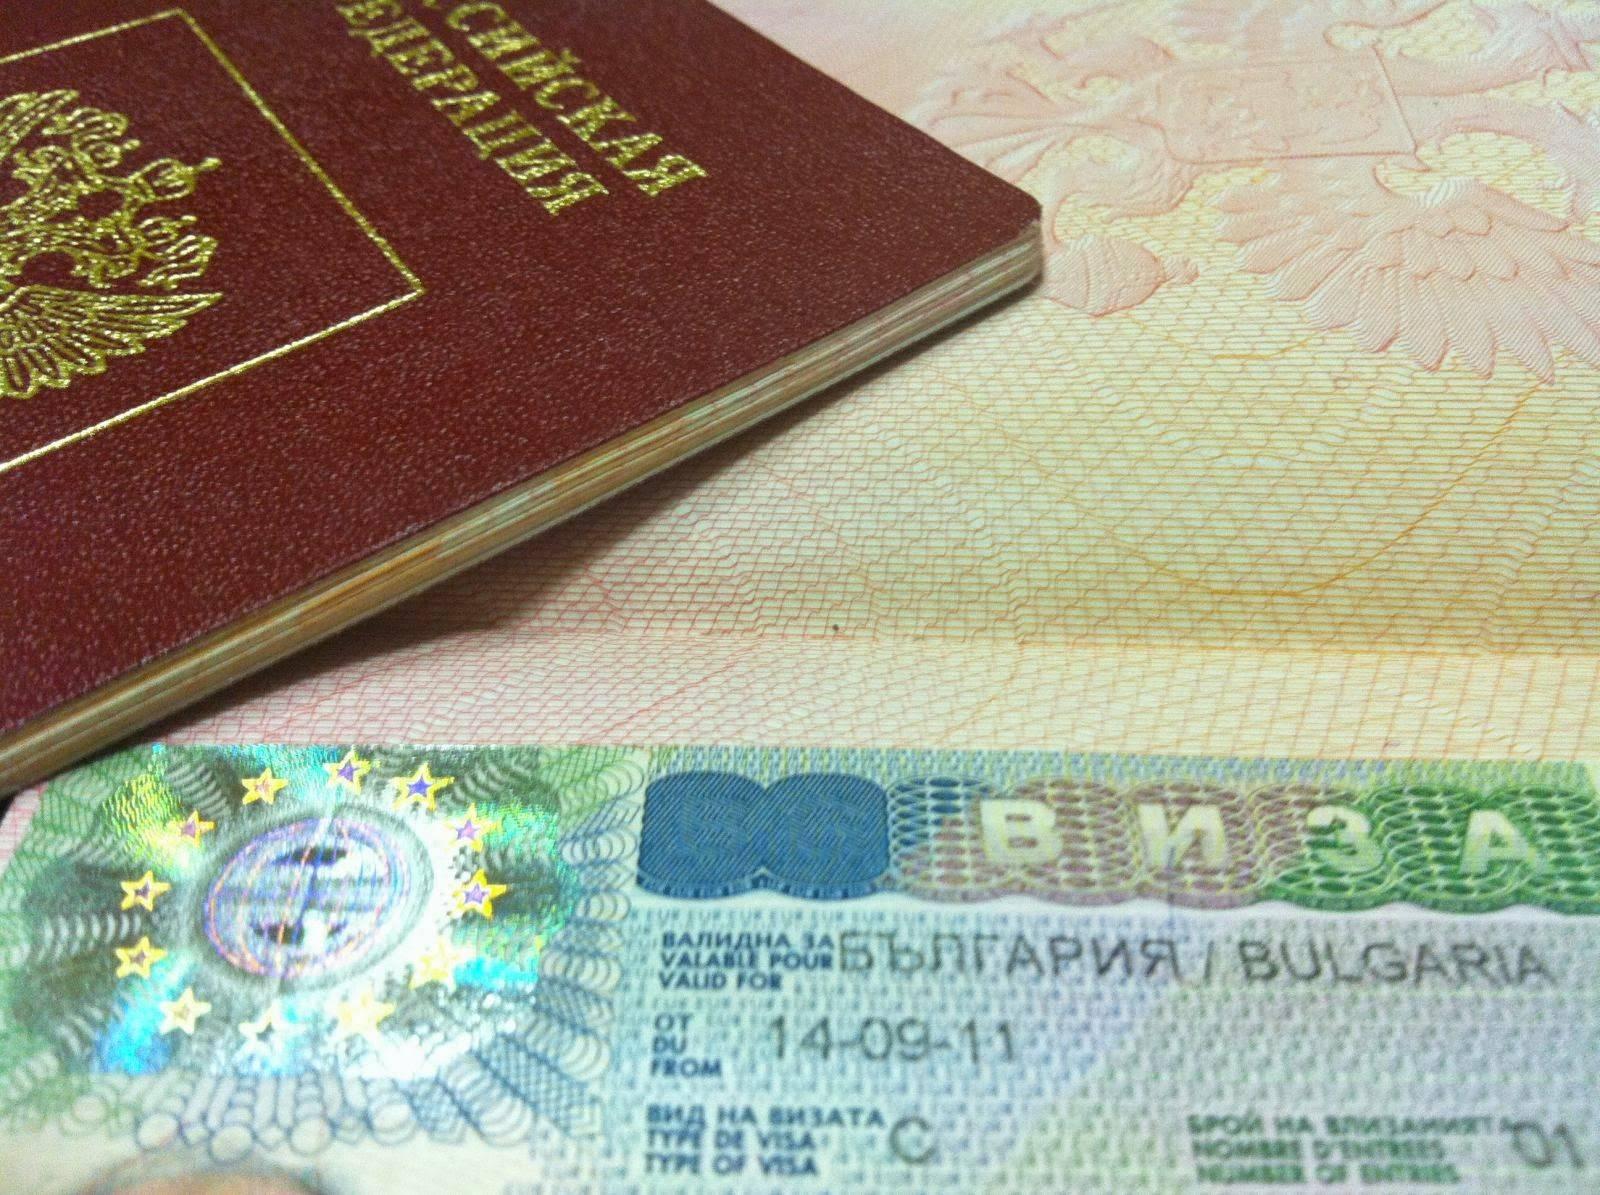 Получение визы в болгарию для россиян в 2021 году самостоятельно: нужнен ли шенген, оформление документов на болгарскую визу, стоимость